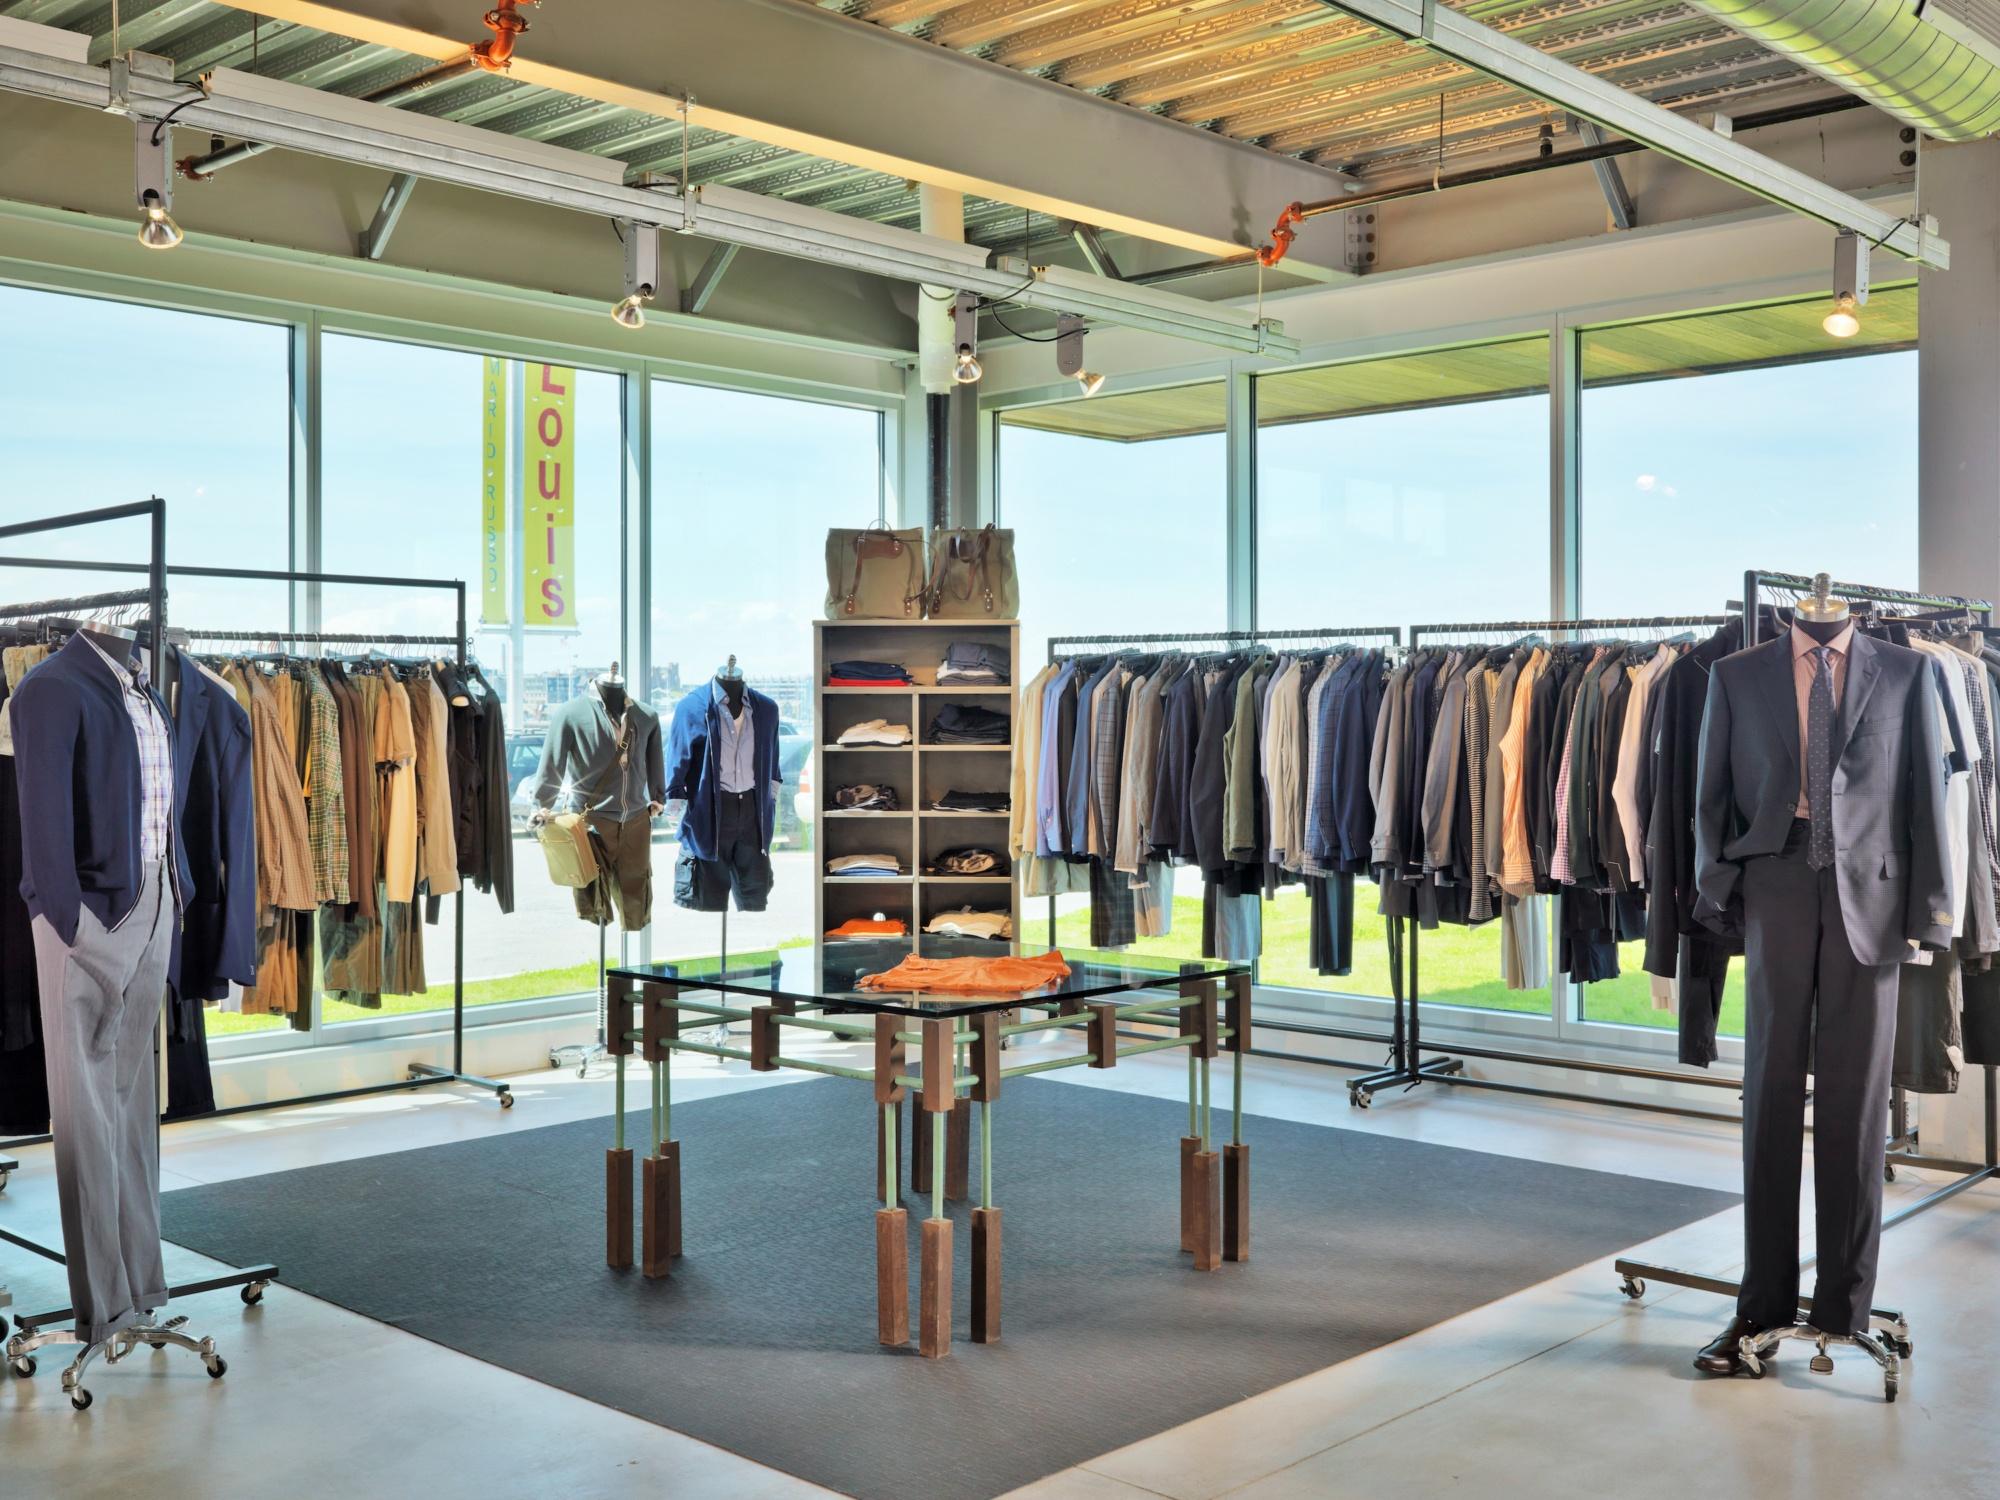 Louis Fan Pier Retail Fashion Display